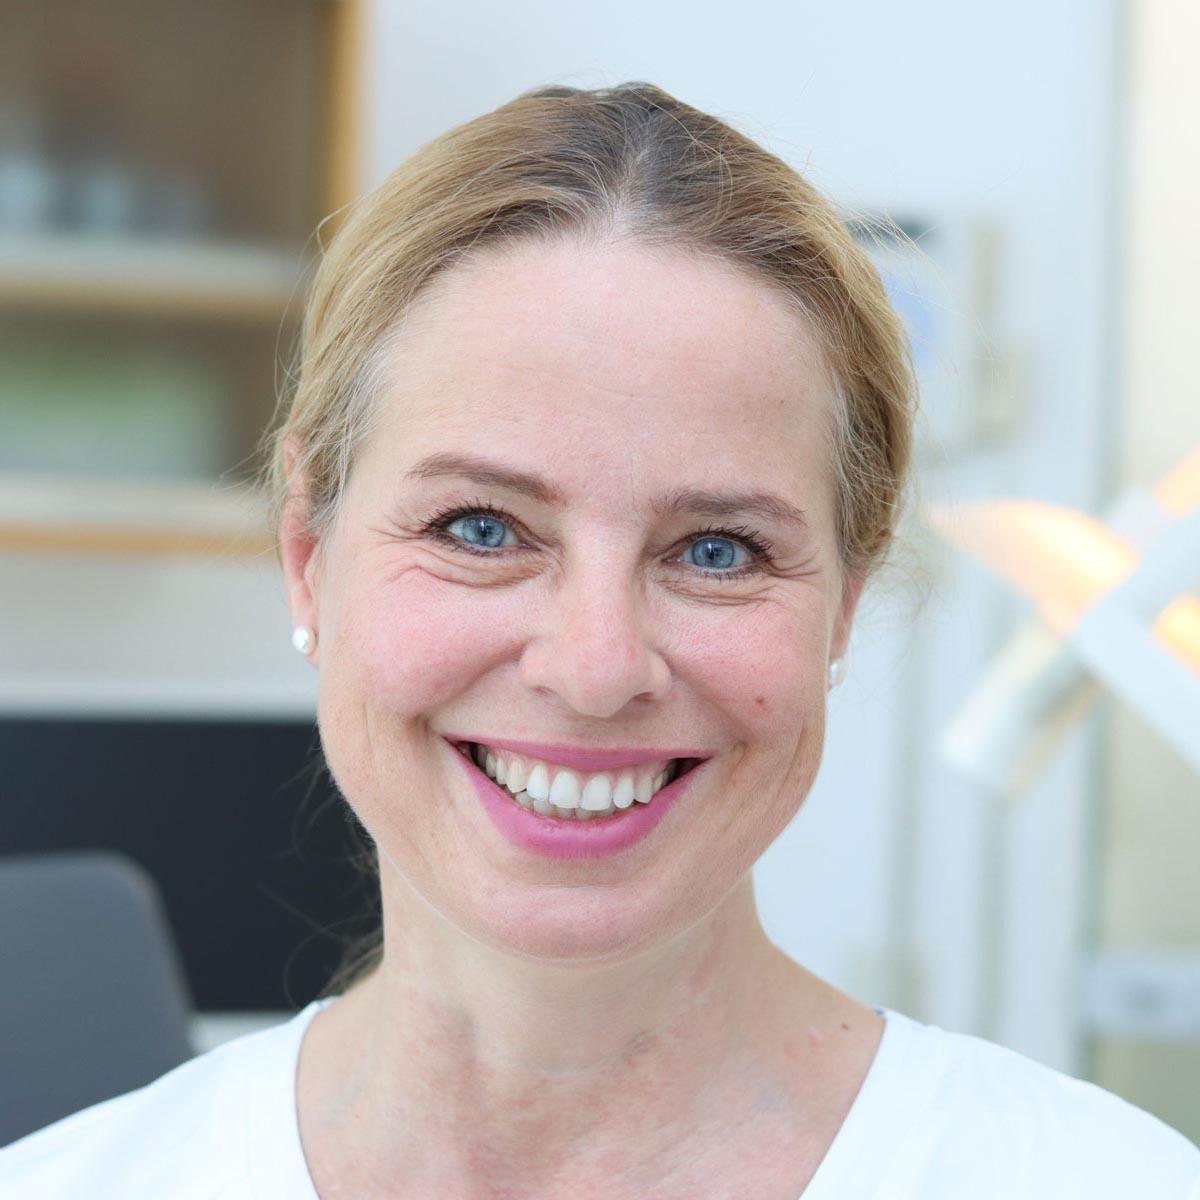 Dr. med. dent. Carola Wißmeier